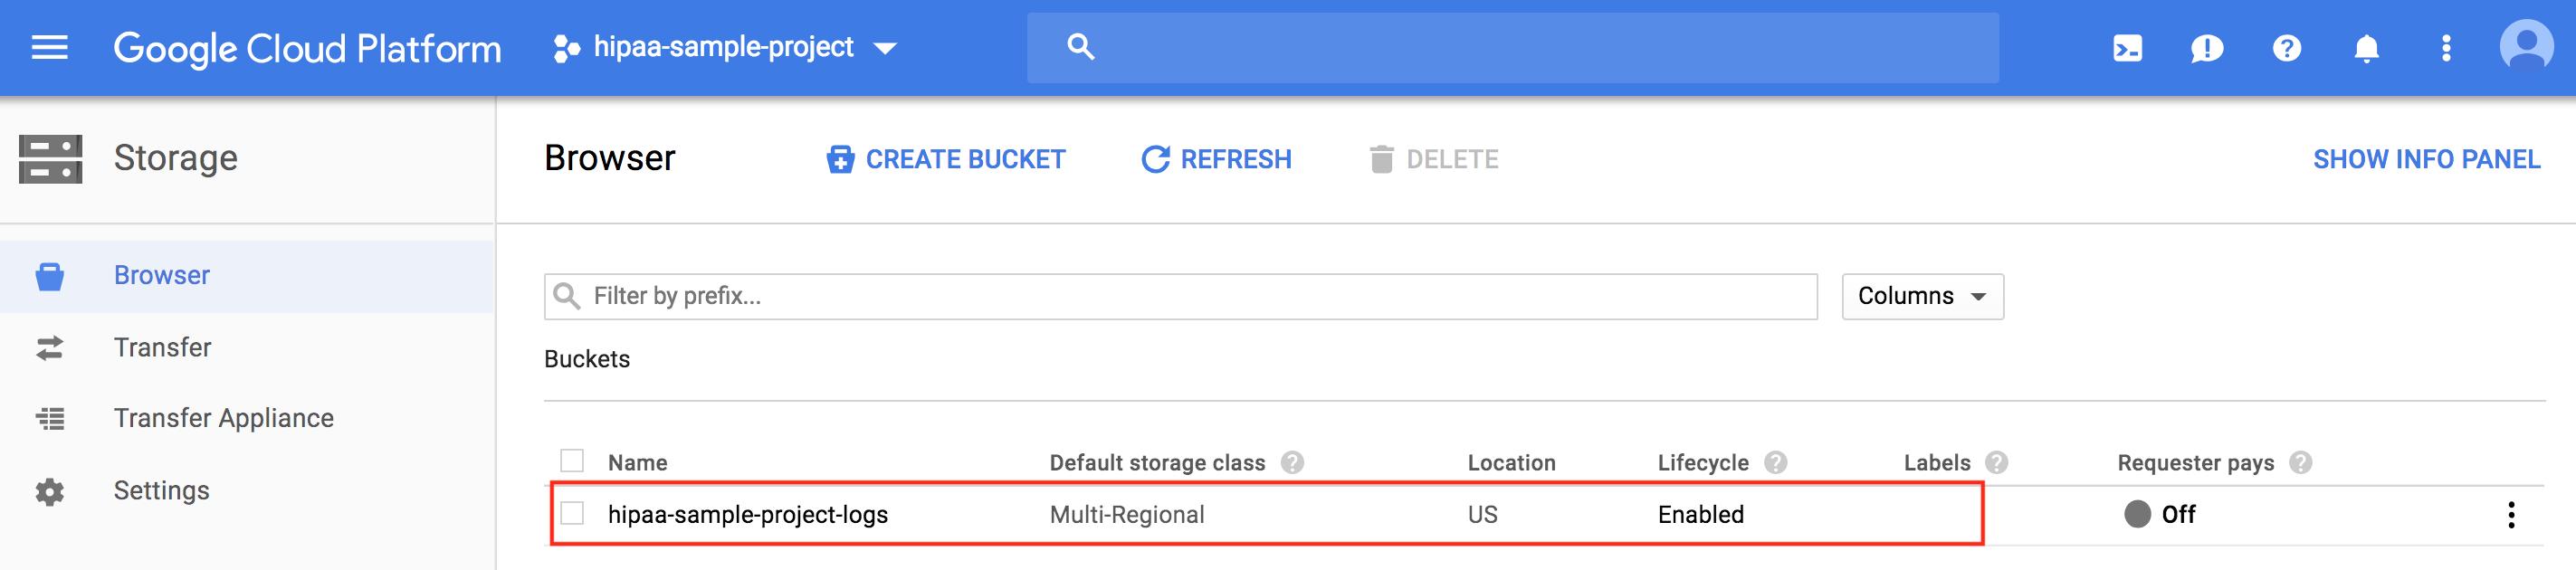 Consolidación de registros para todos los proyectos de datos en un modo de registro local